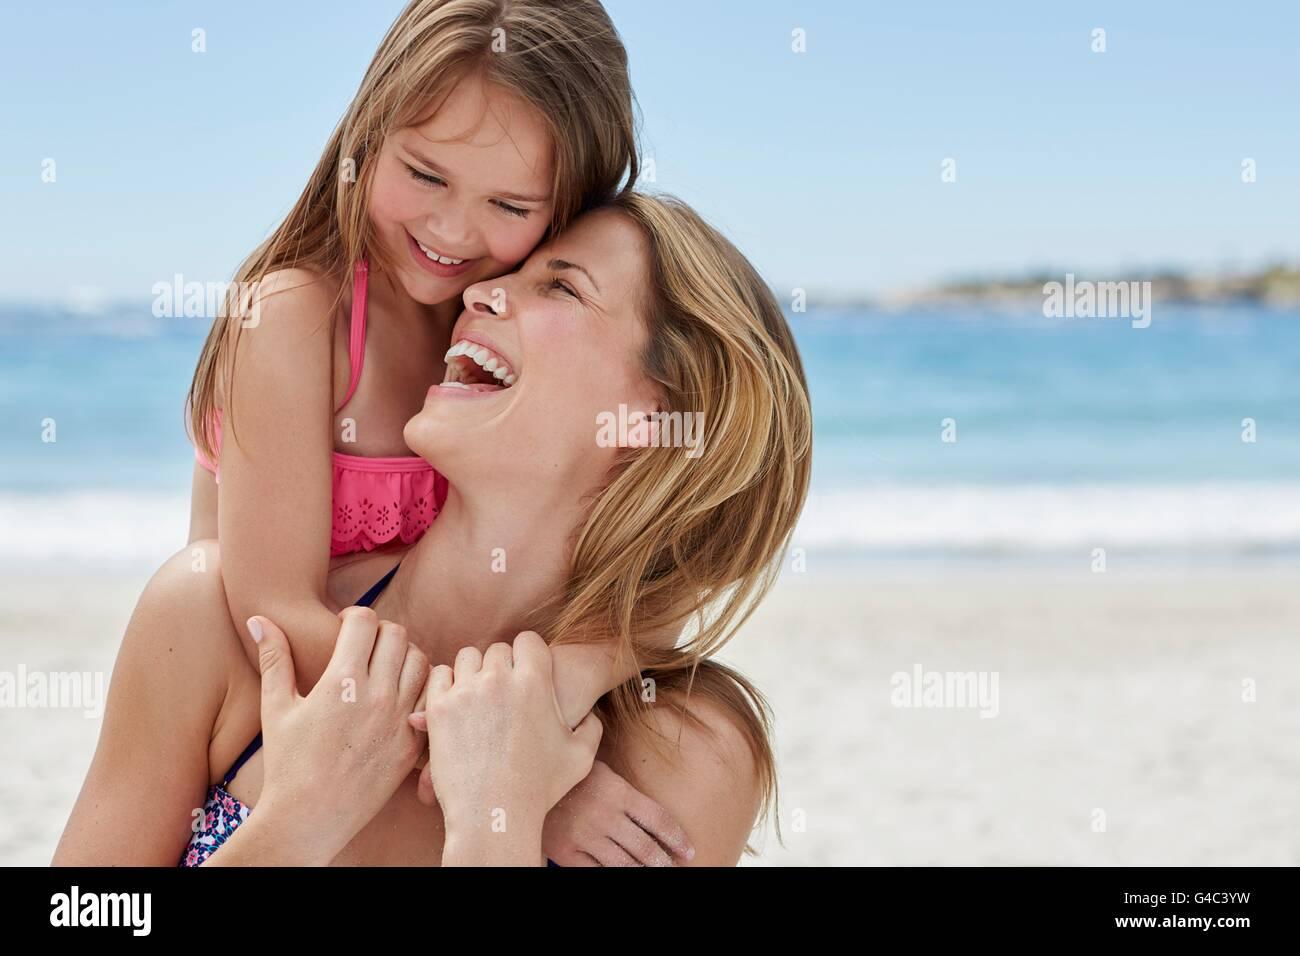 Modello rilasciato. Madre figlia portante sulla sua schiena. Immagini Stock